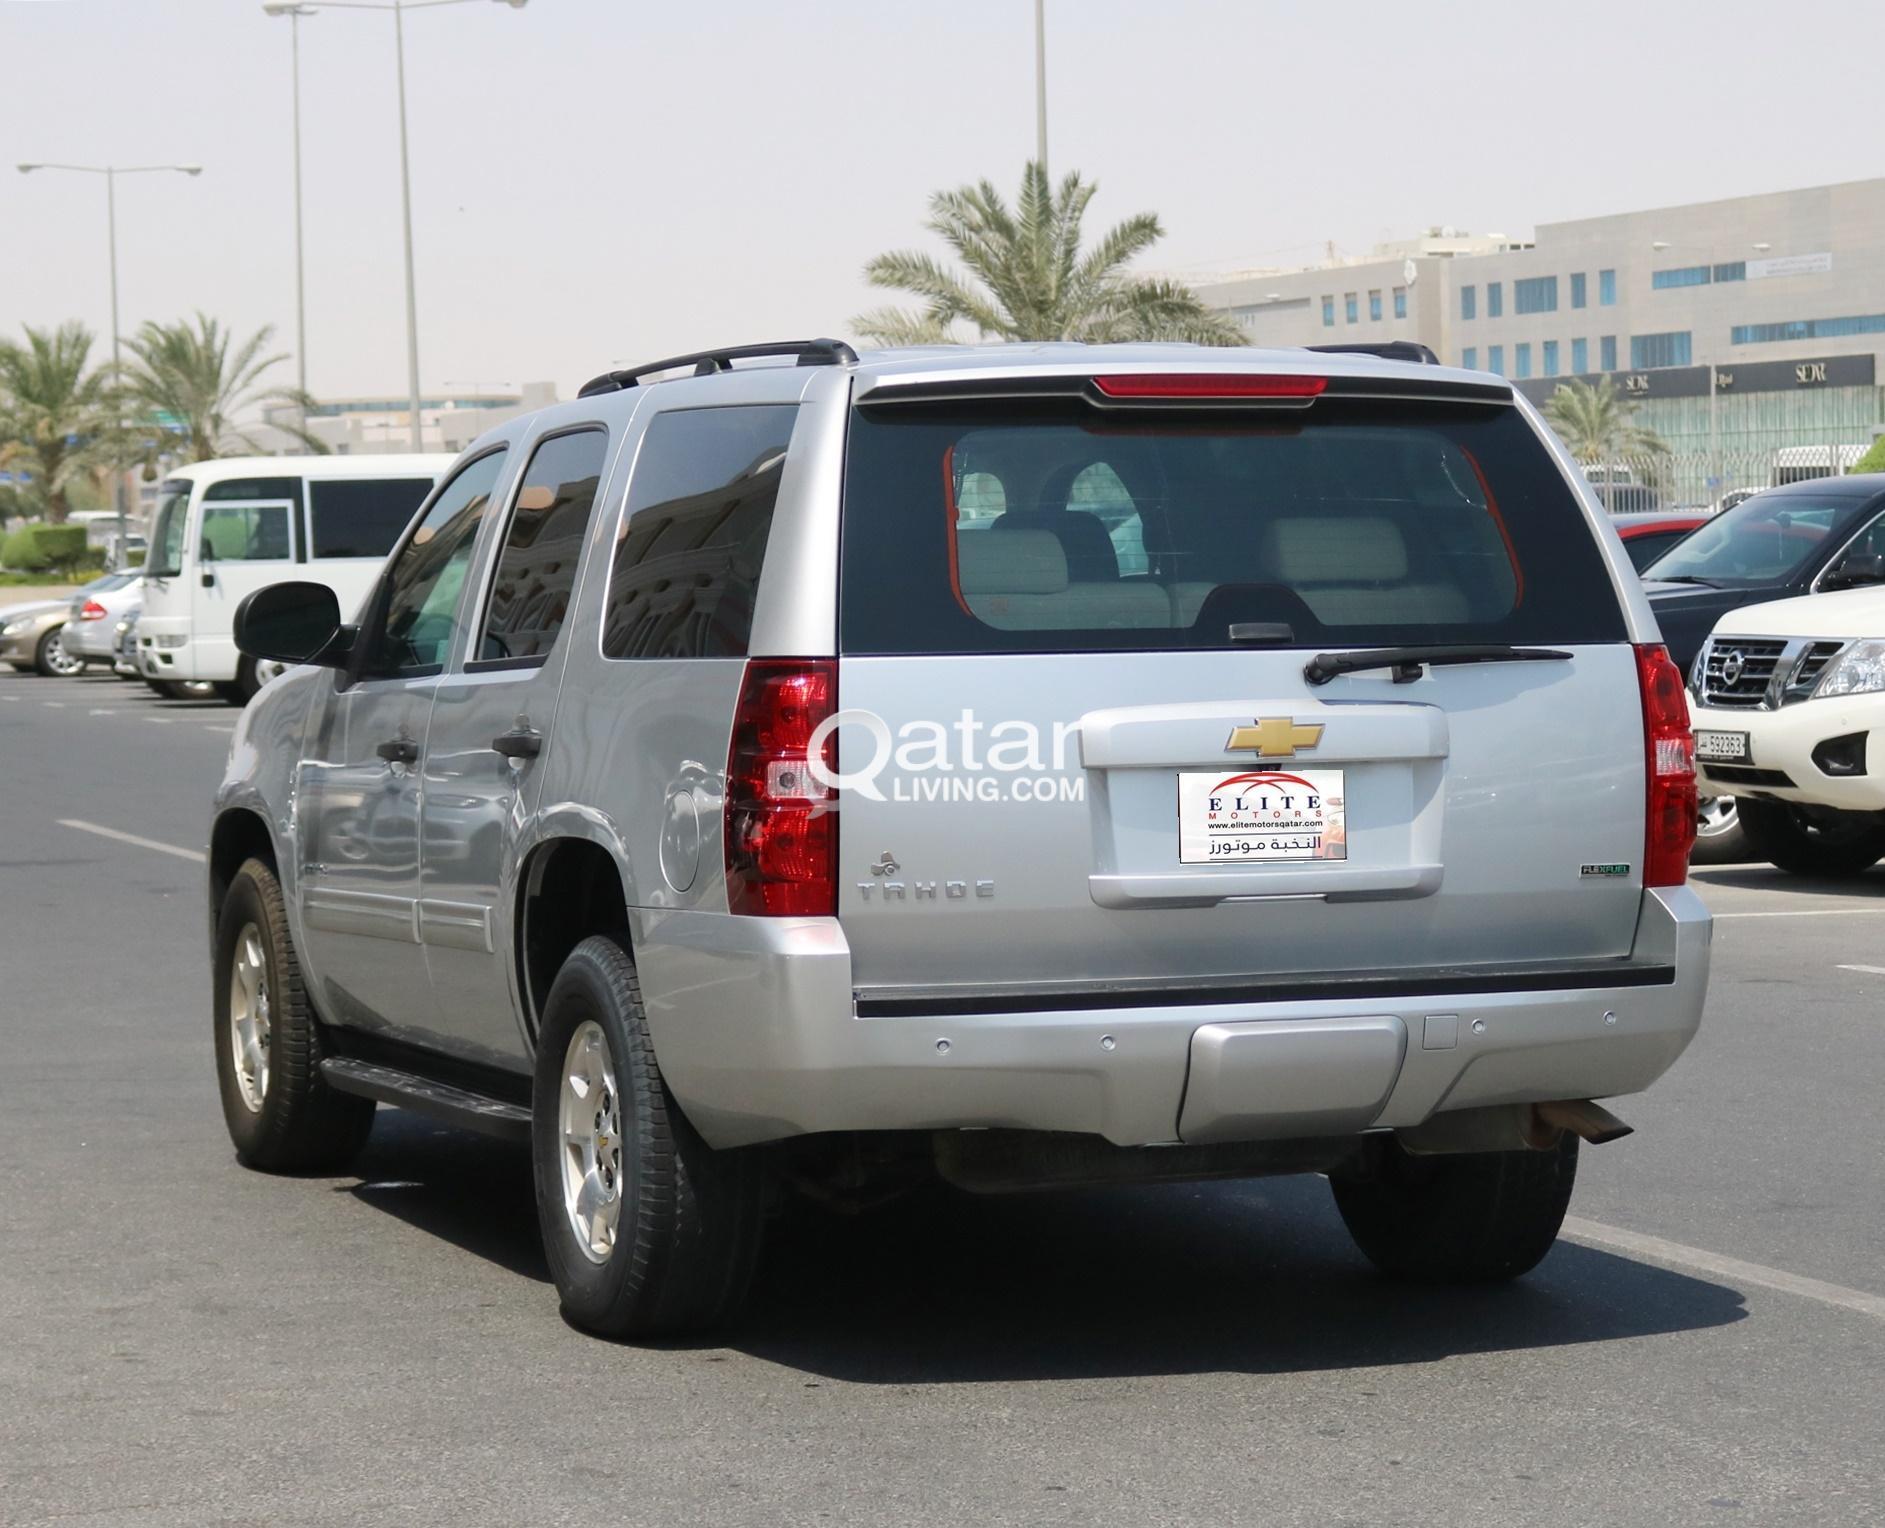 Chevrolet Tahoe 4X4 Model 2012   Qatar Living